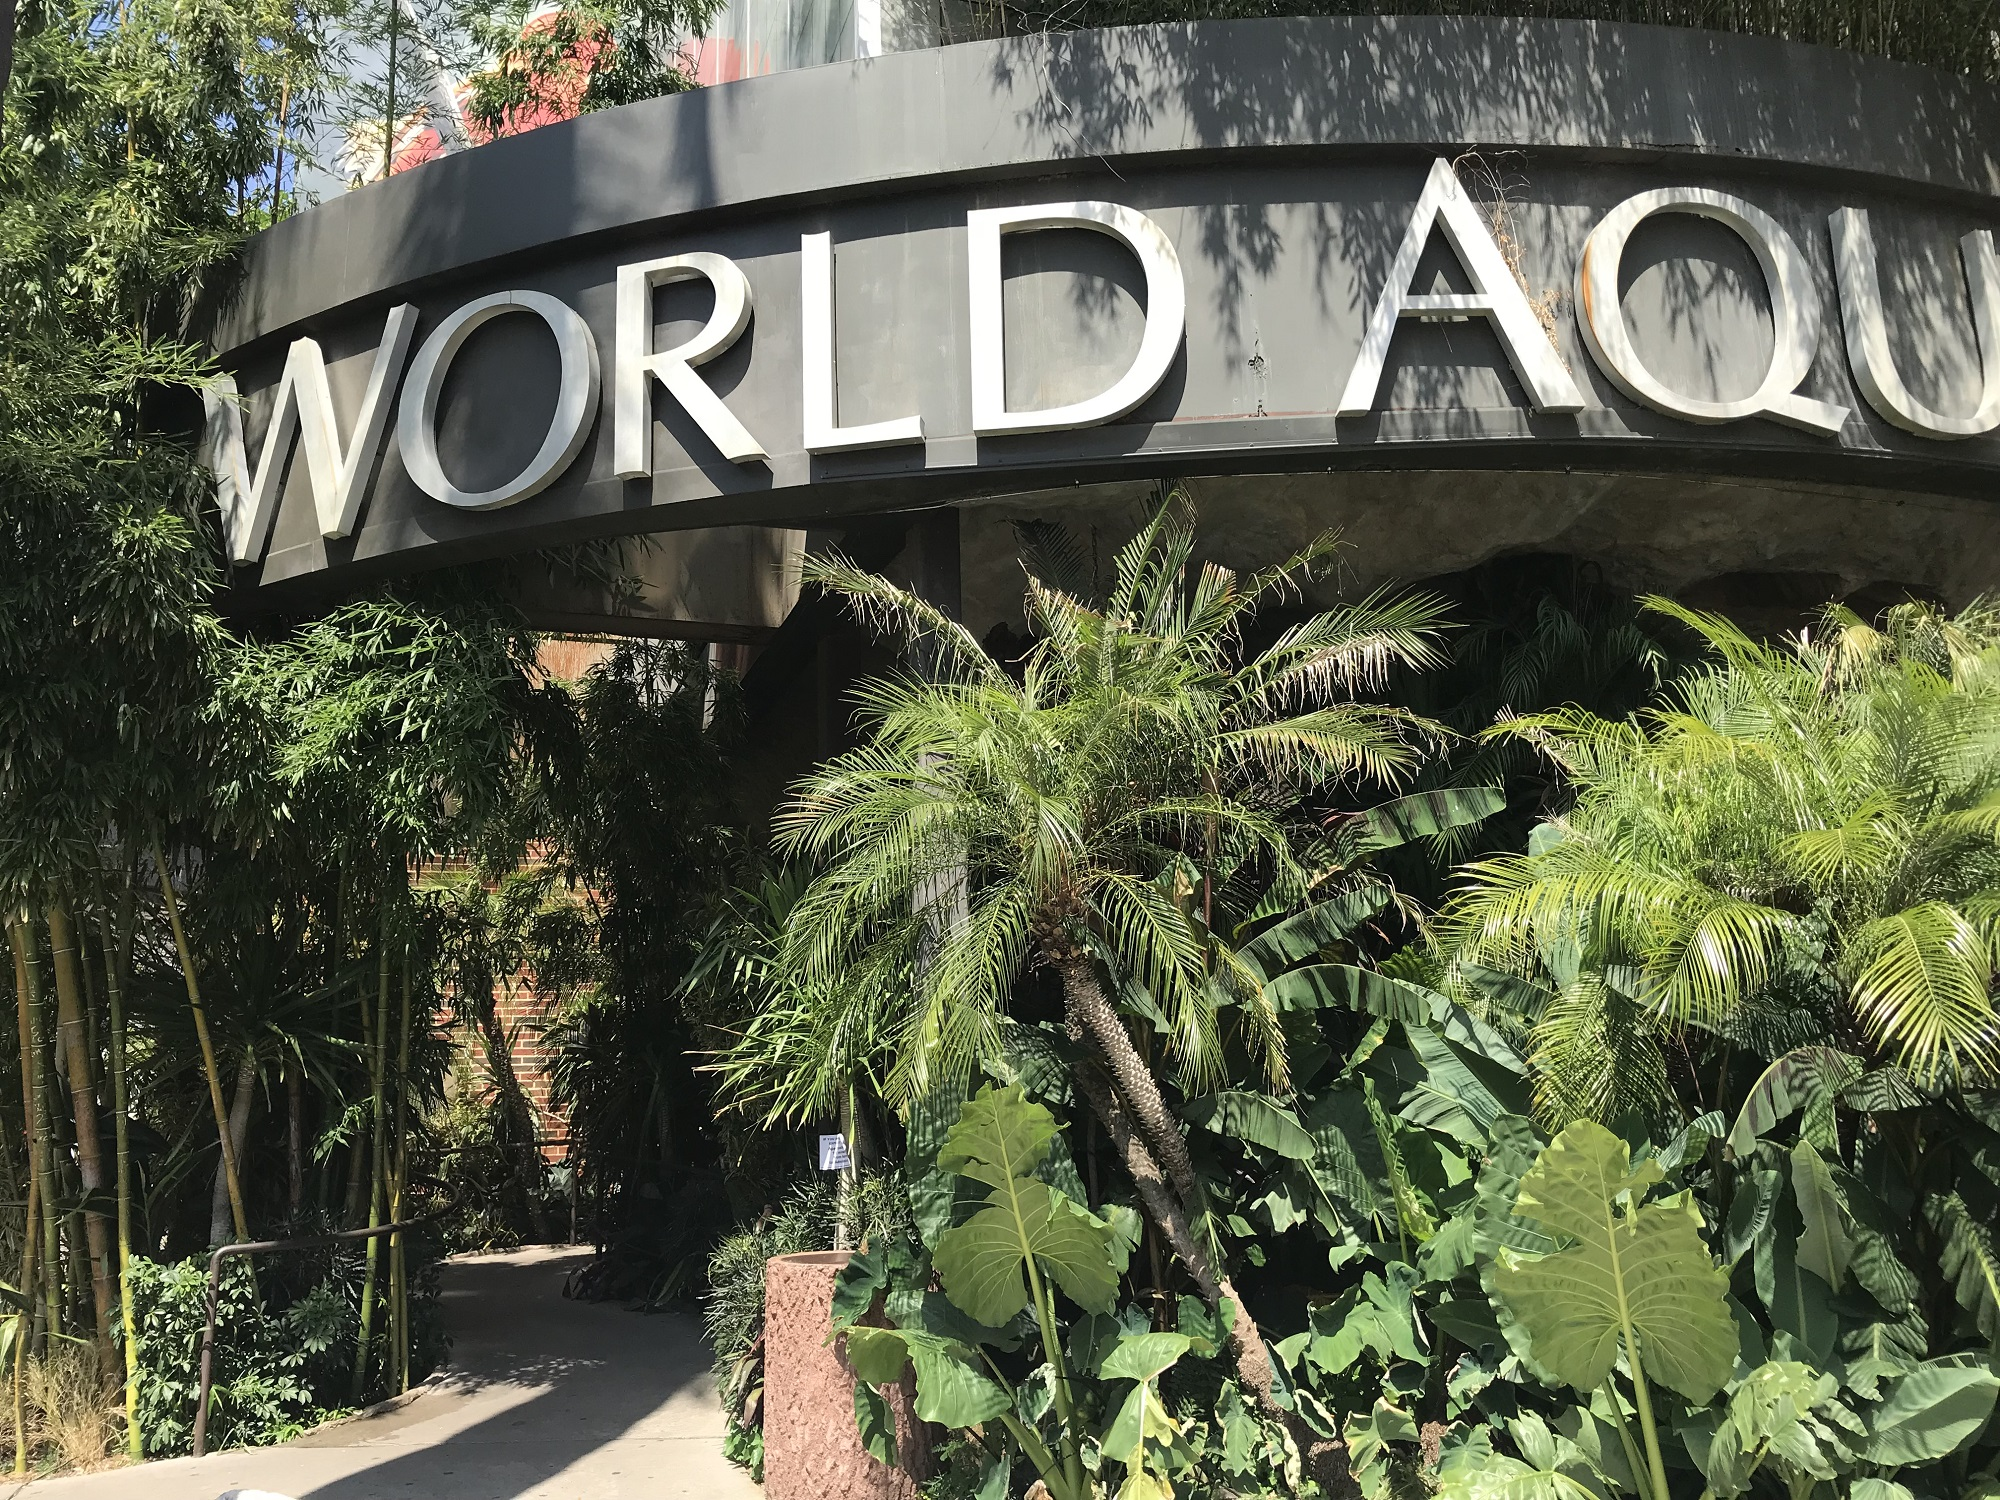 Dallas World Aquarium